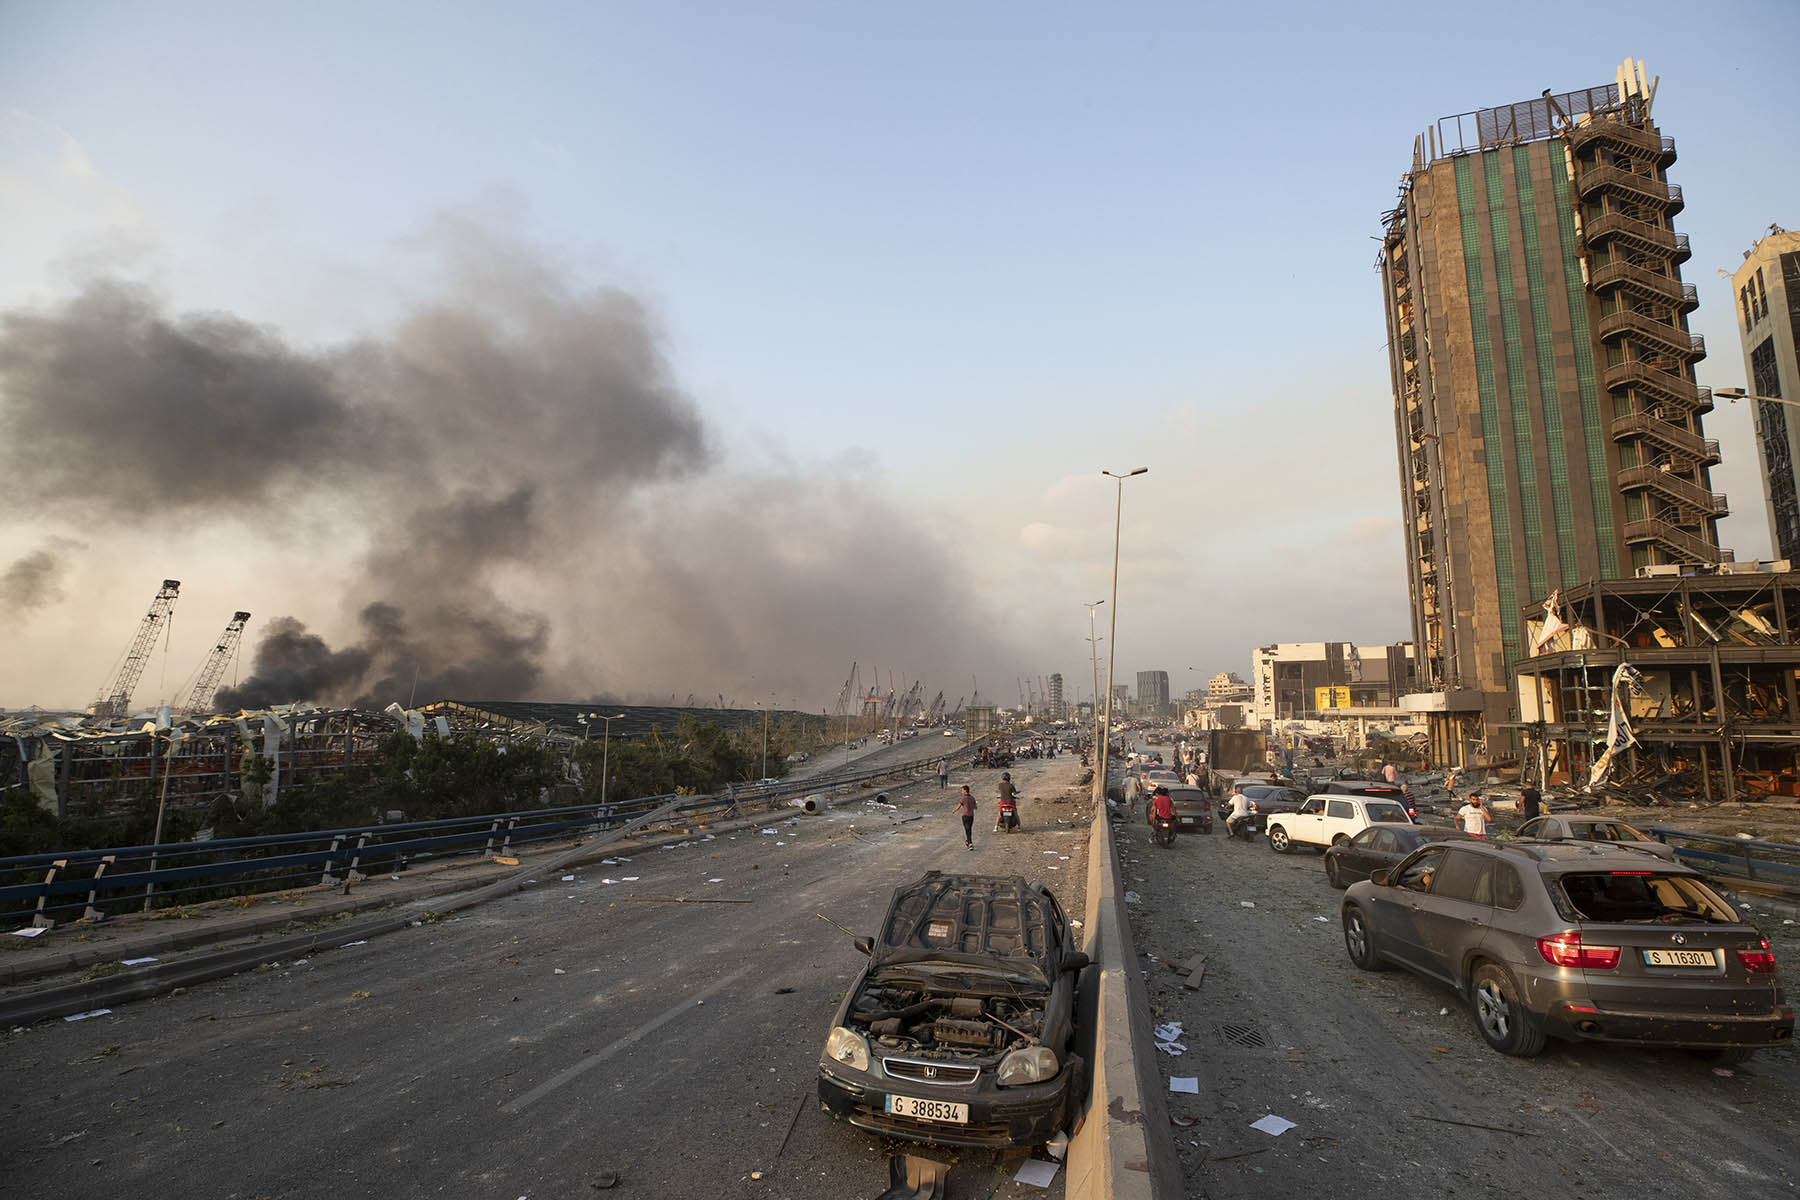 """انفجار أم هجوم؟.. رأي أميركي """"مغاير"""" بشأن كارثة بيروت"""